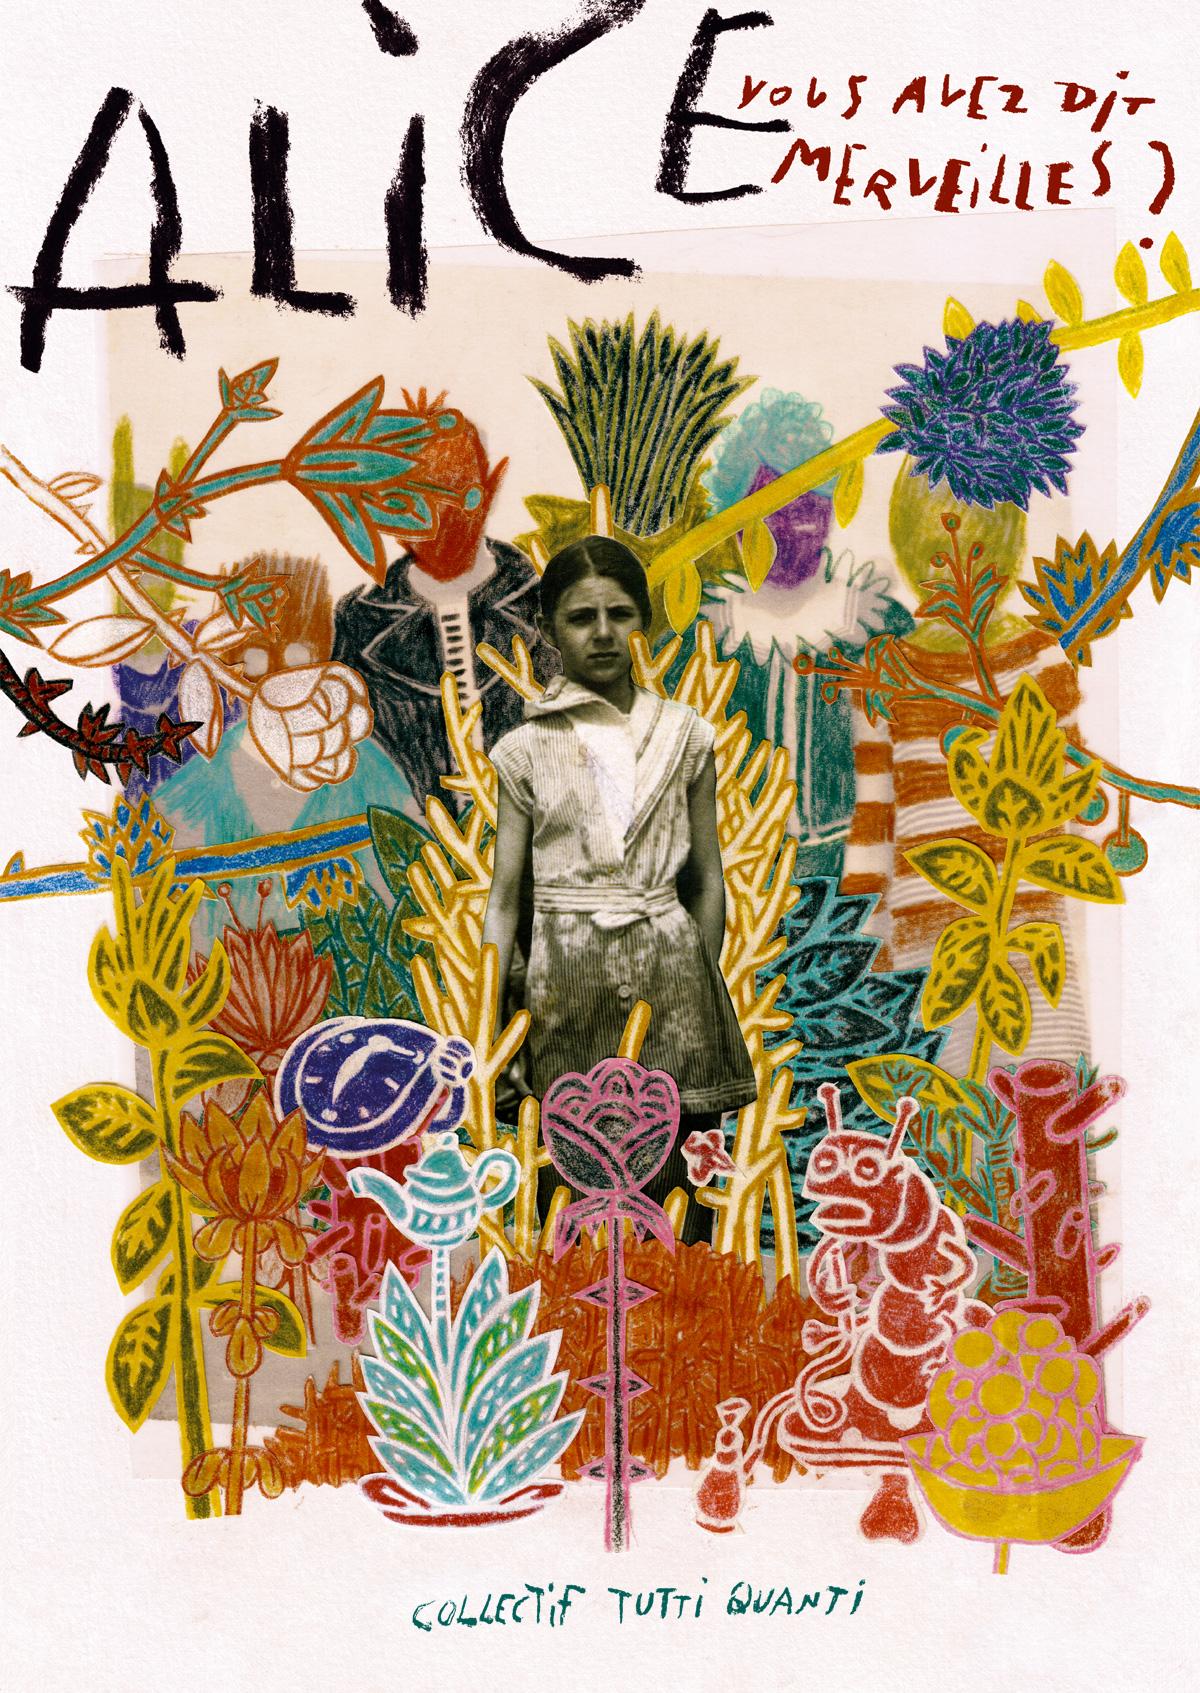 Affiche du spectacle Alice, vous avez dit merveilles ? La photo d'une petite fille est au milieu de dessins colorés d'un monde luxuriant.